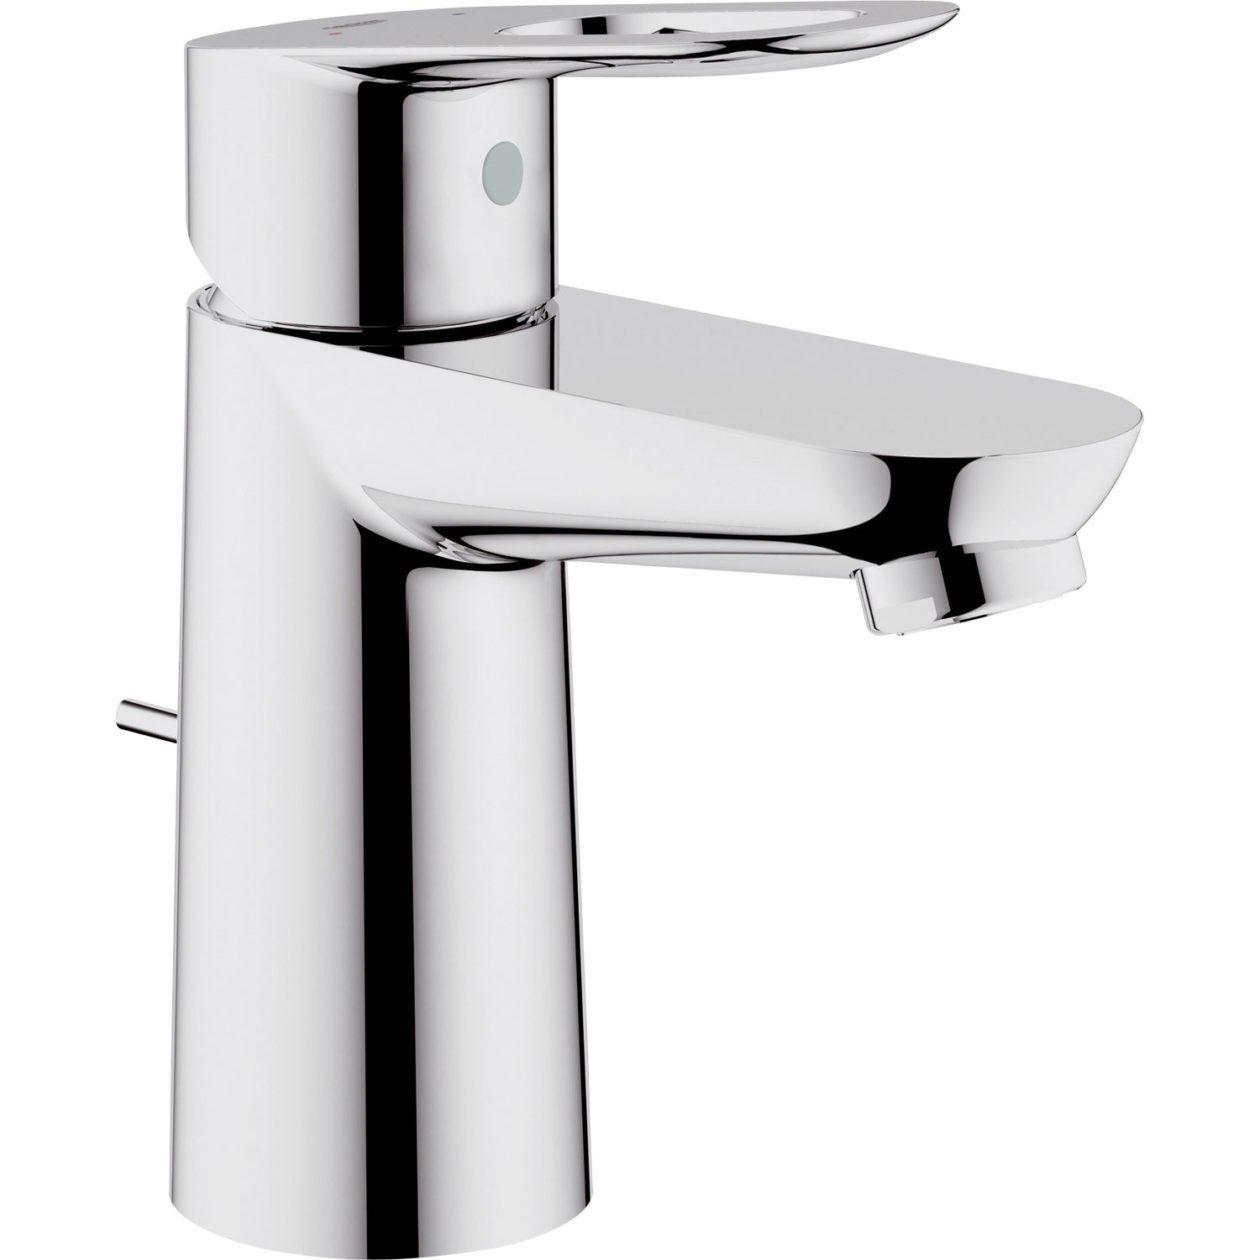 Comment démonter un robinet mitigeur ?